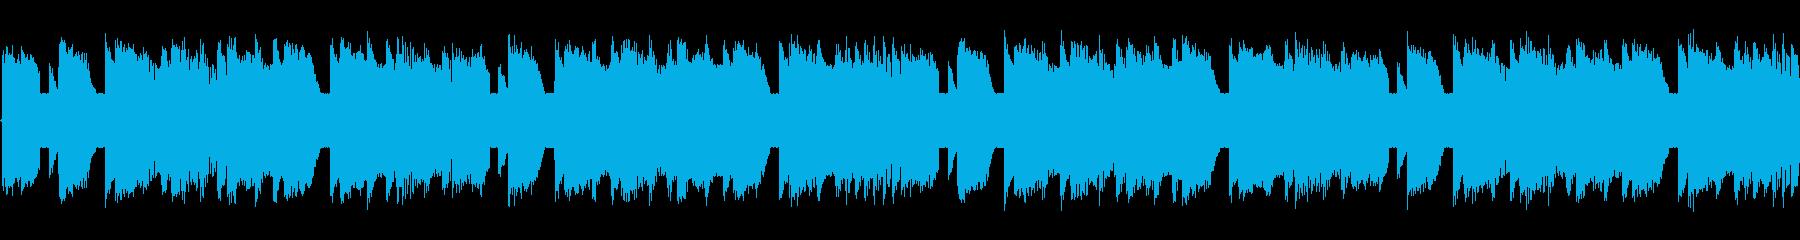 チップチューンの軽快な短いループ3の再生済みの波形